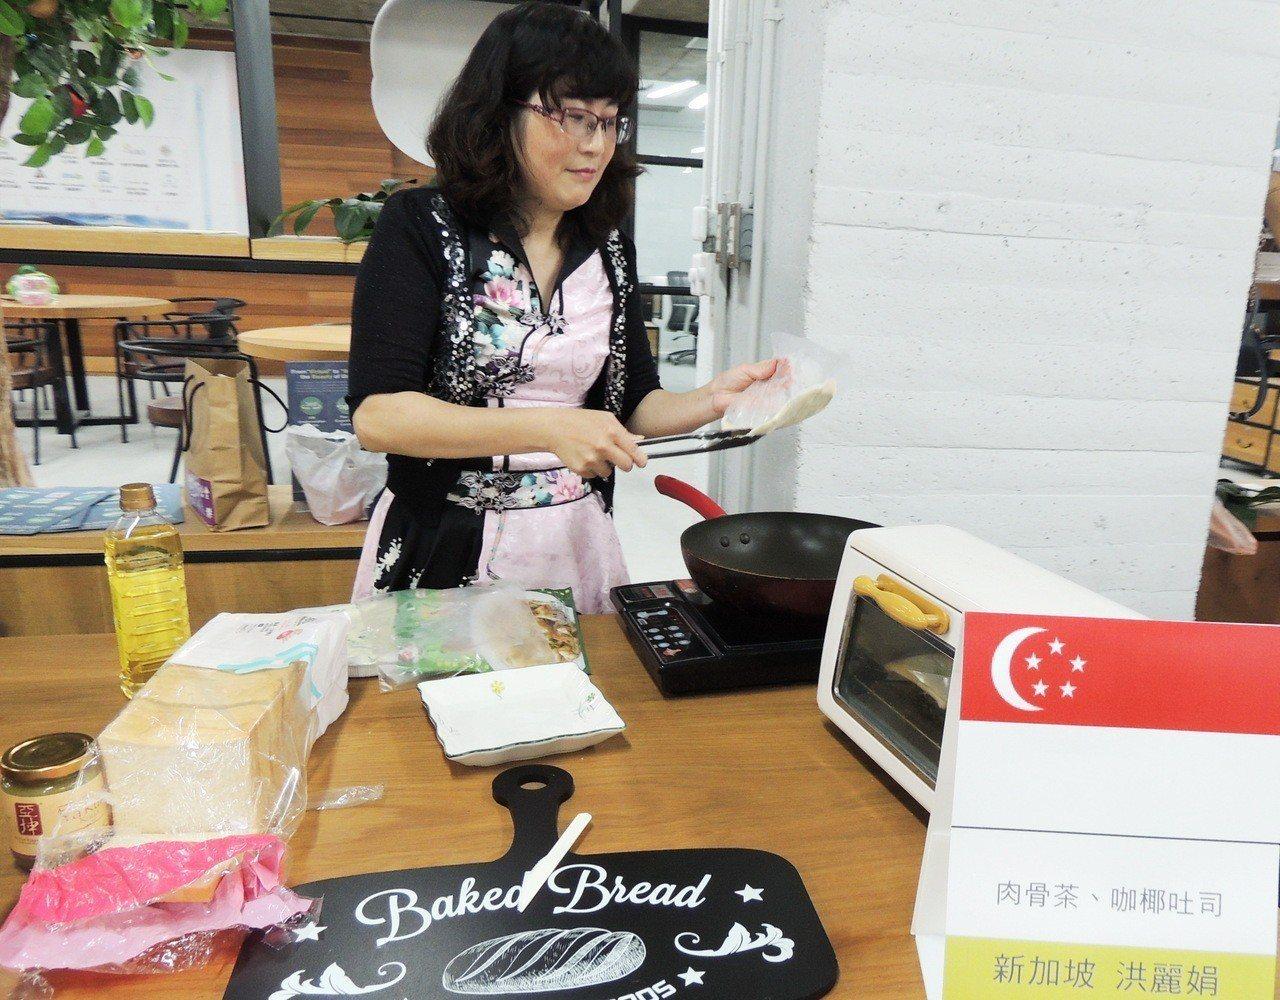 來自新加坡的洪麗娟為準備了新加坡的肉骨茶及咖椰吐司。記者羅紹平/攝影